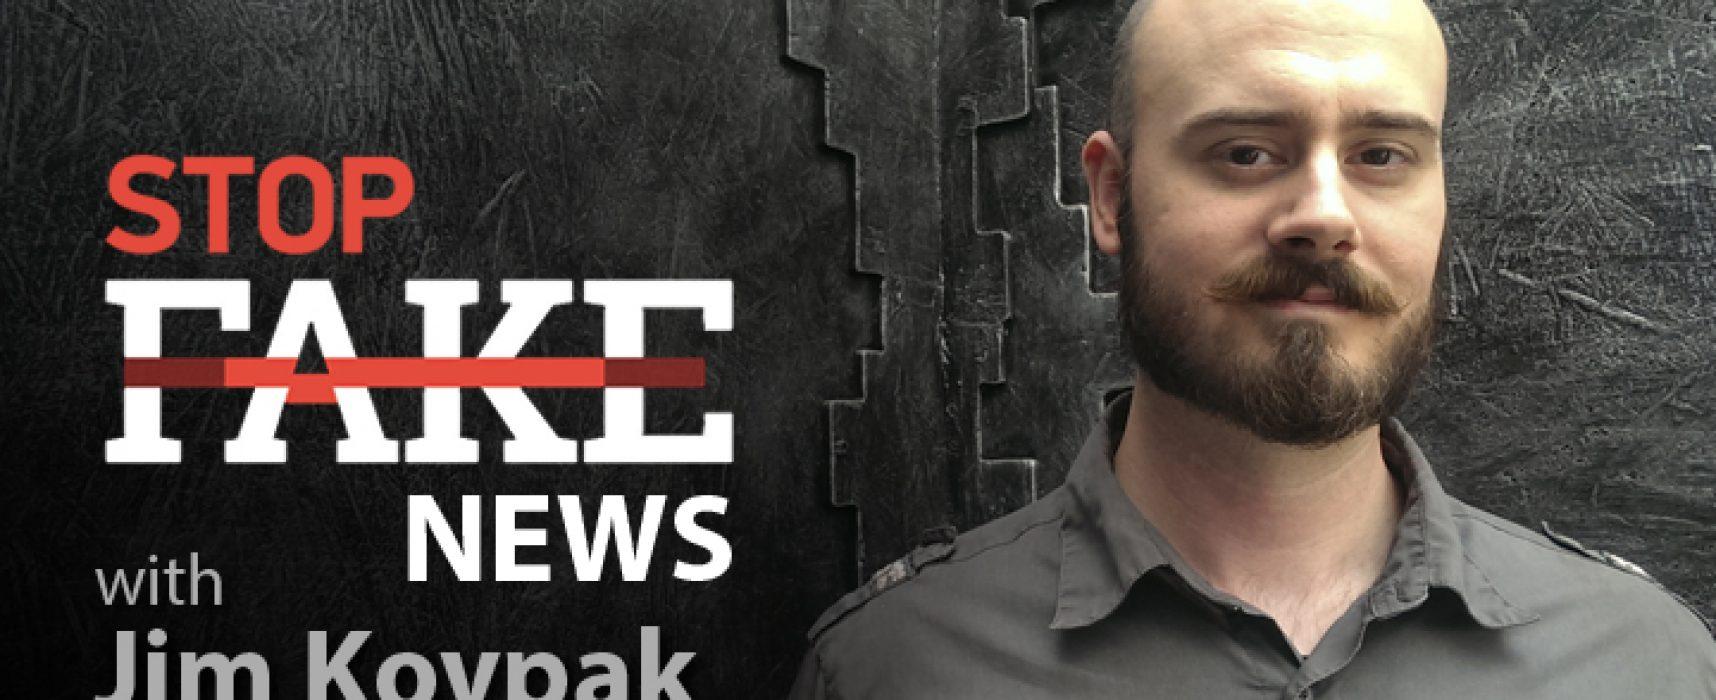 StopFakeNews #98 [Engels] met Jim Kovpak